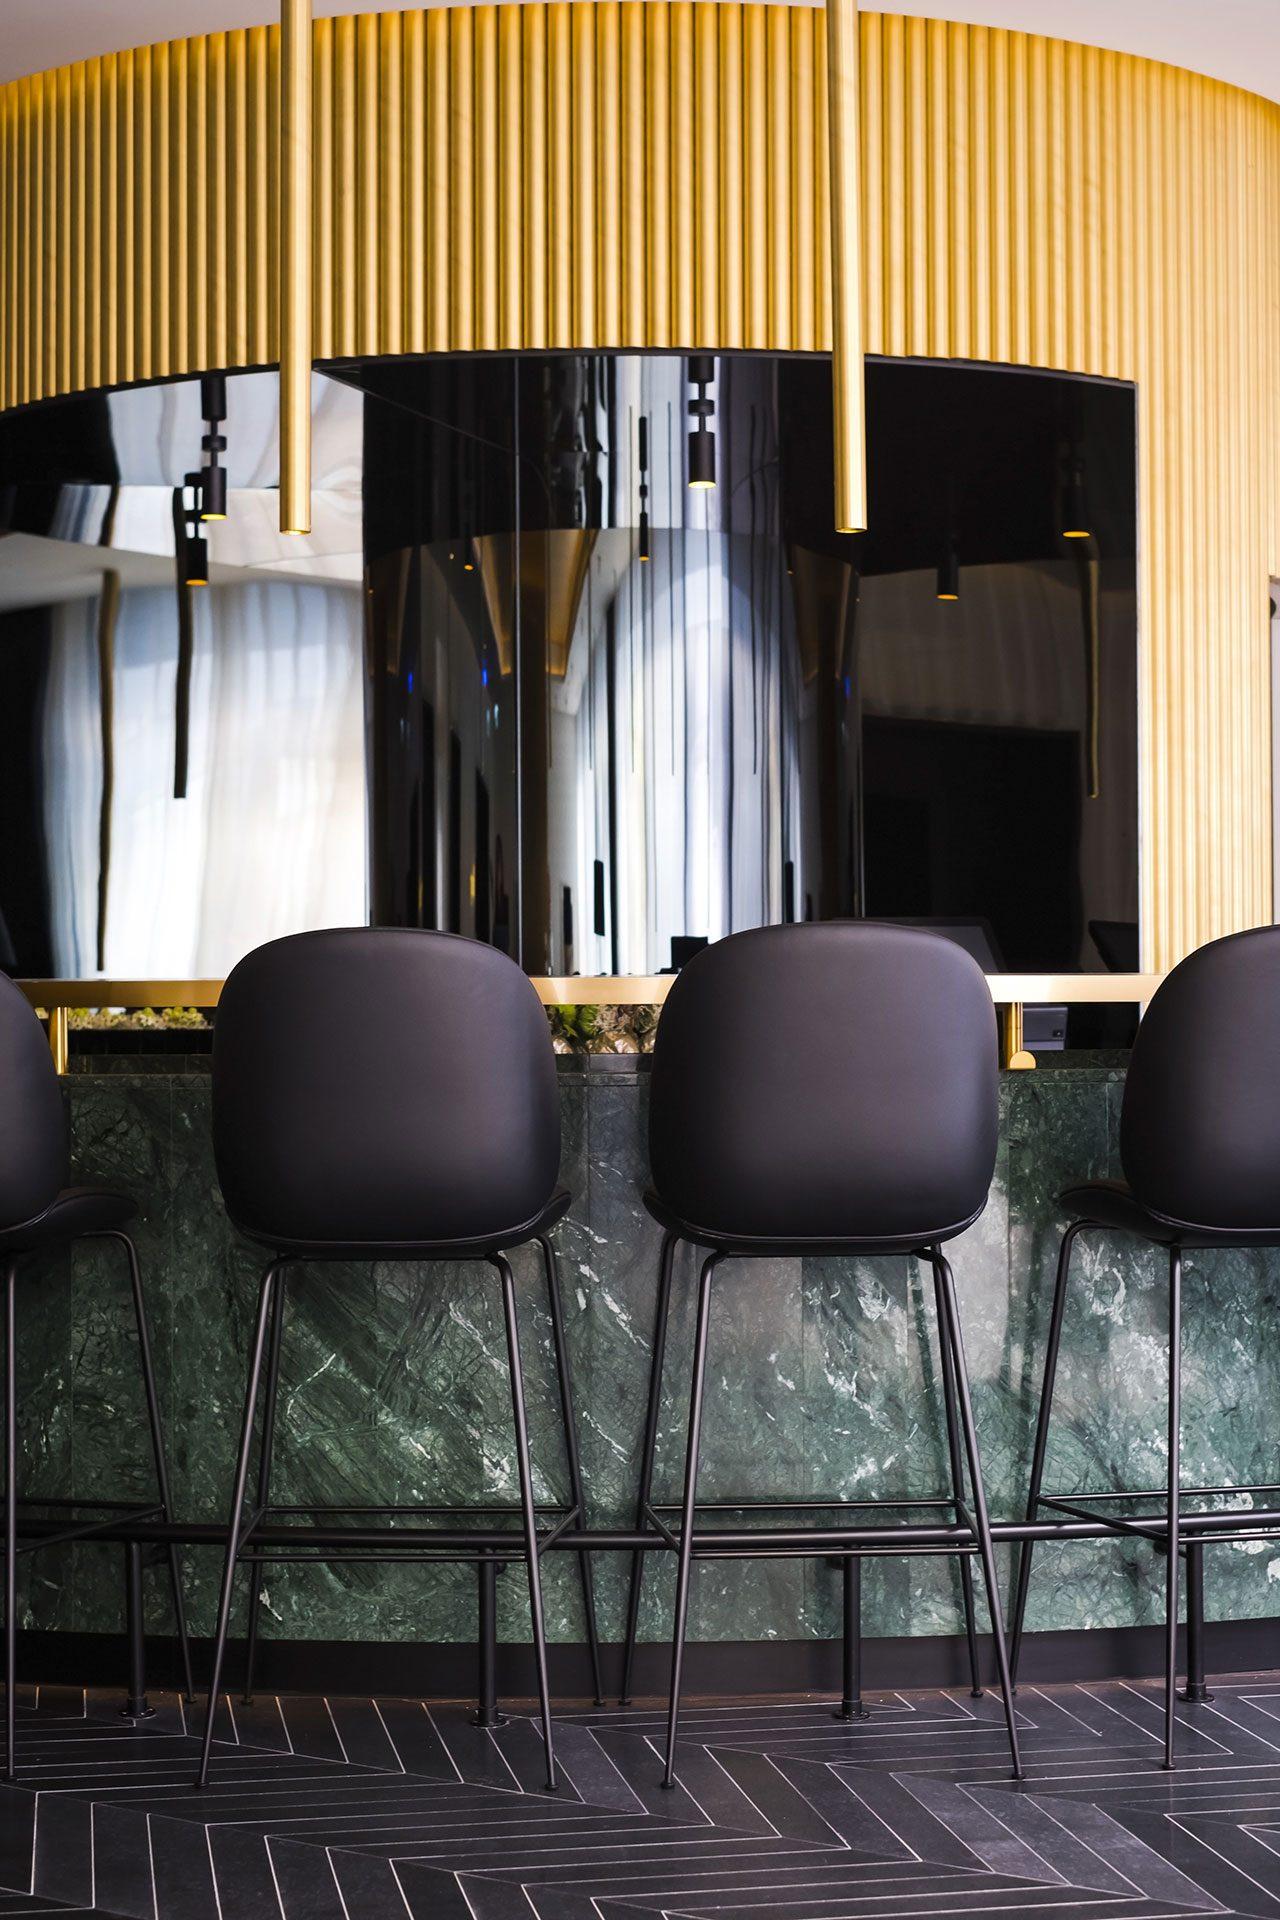 Roomers_Munich_Galerie_Hotel_09-1280x1920